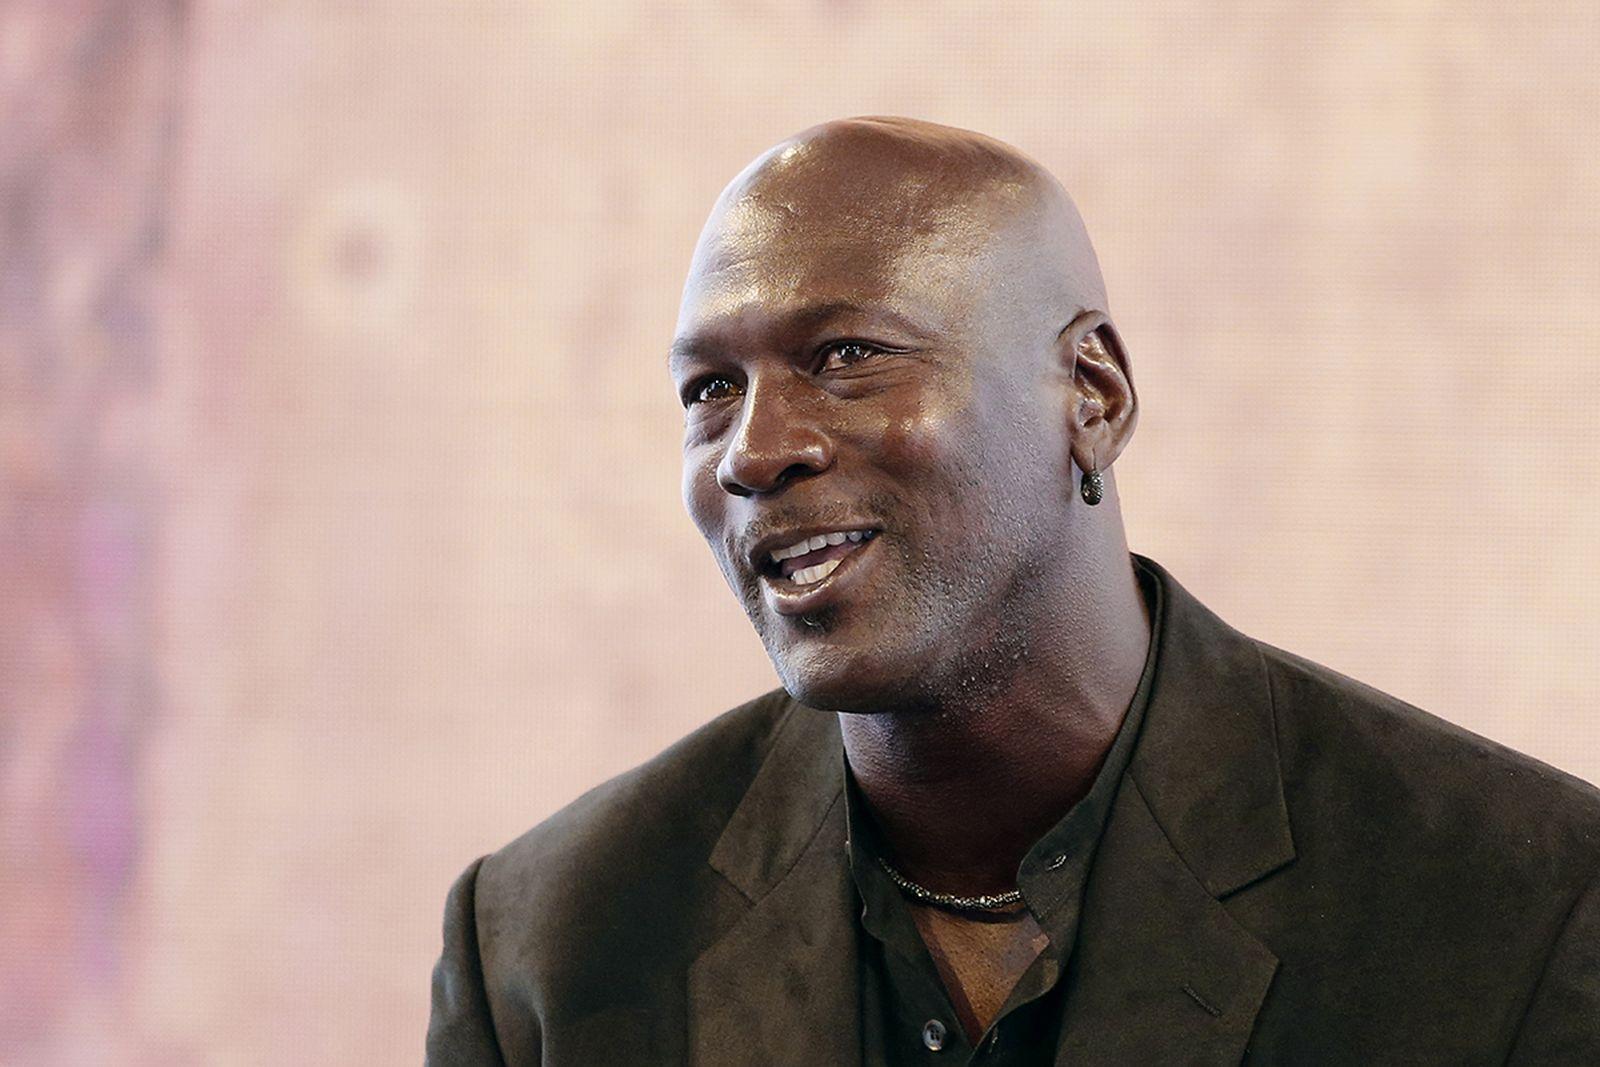 Michael Jordan speaking